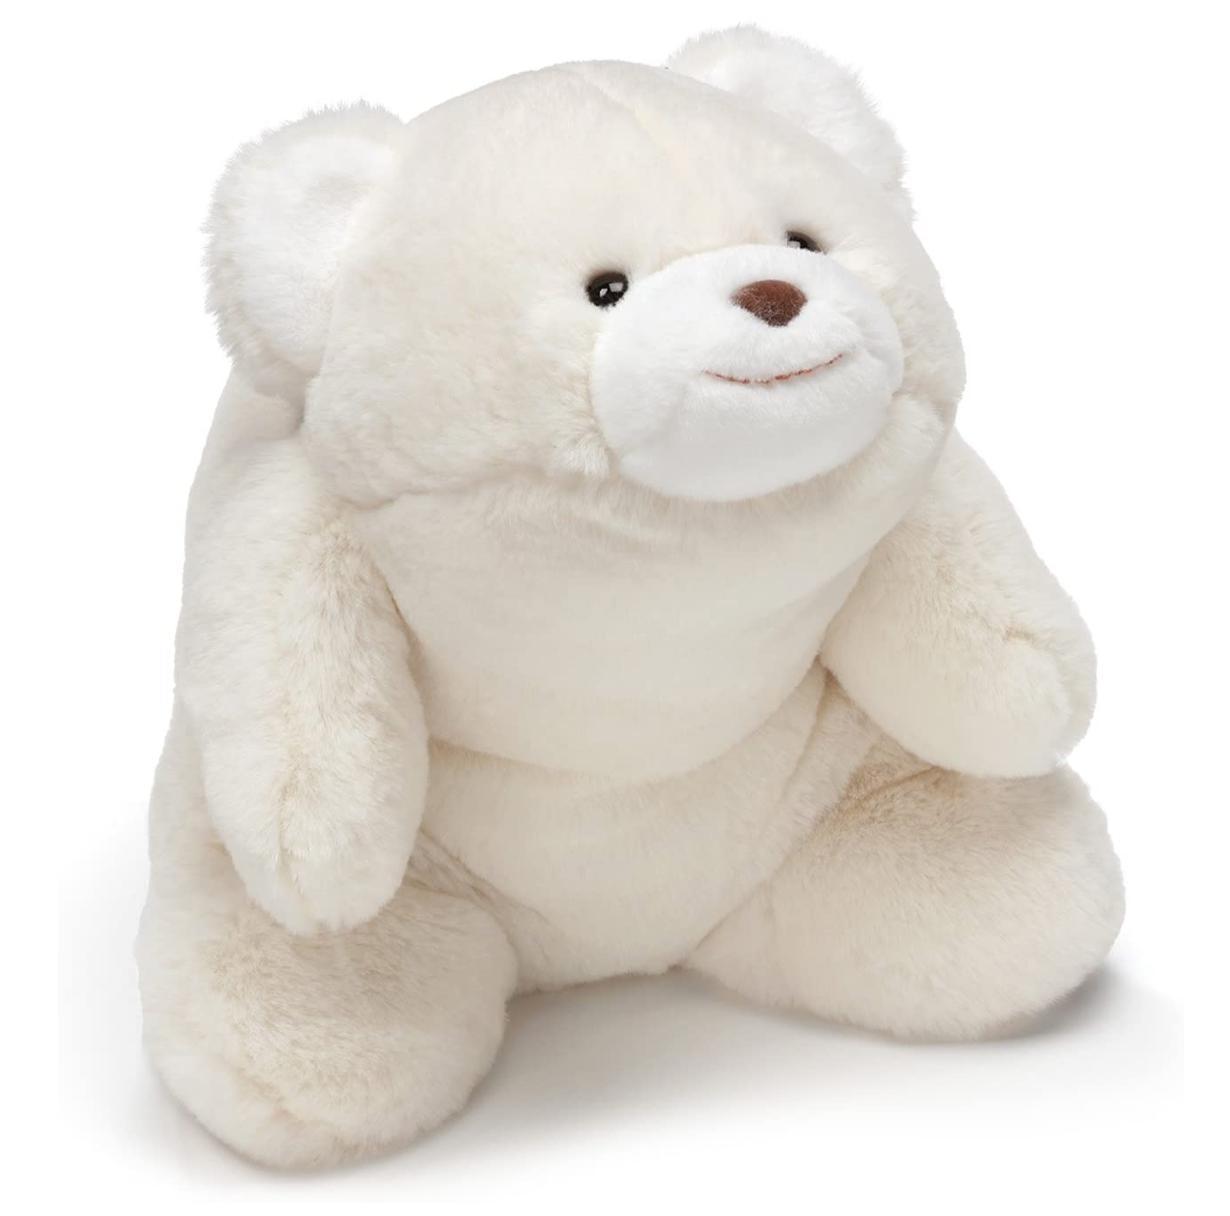 snuffles teddy bear stuffed animal